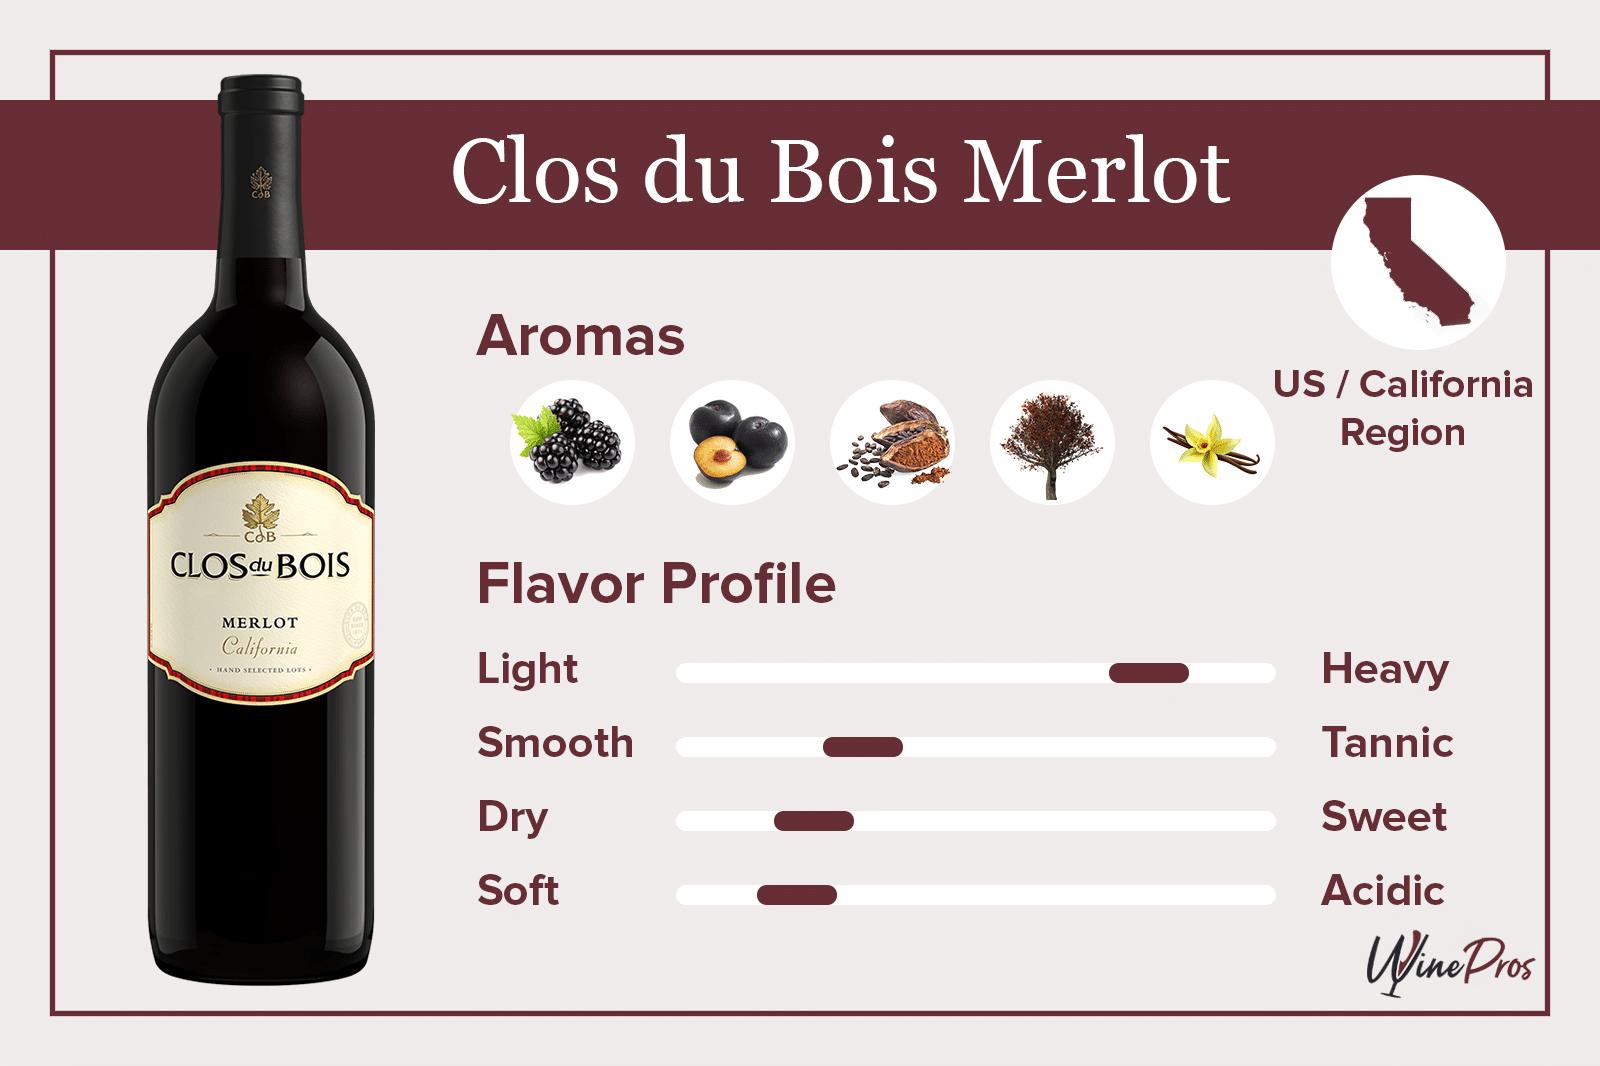 Clos du Bois Merlot Featured